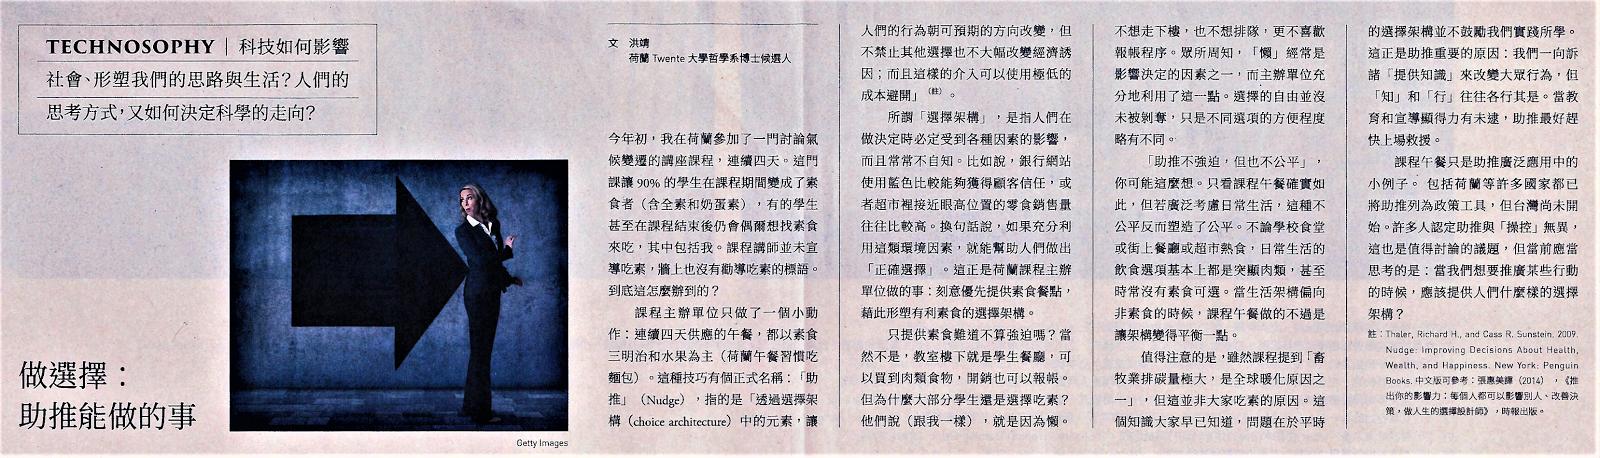 週刊編集 01 專欄文章掃描